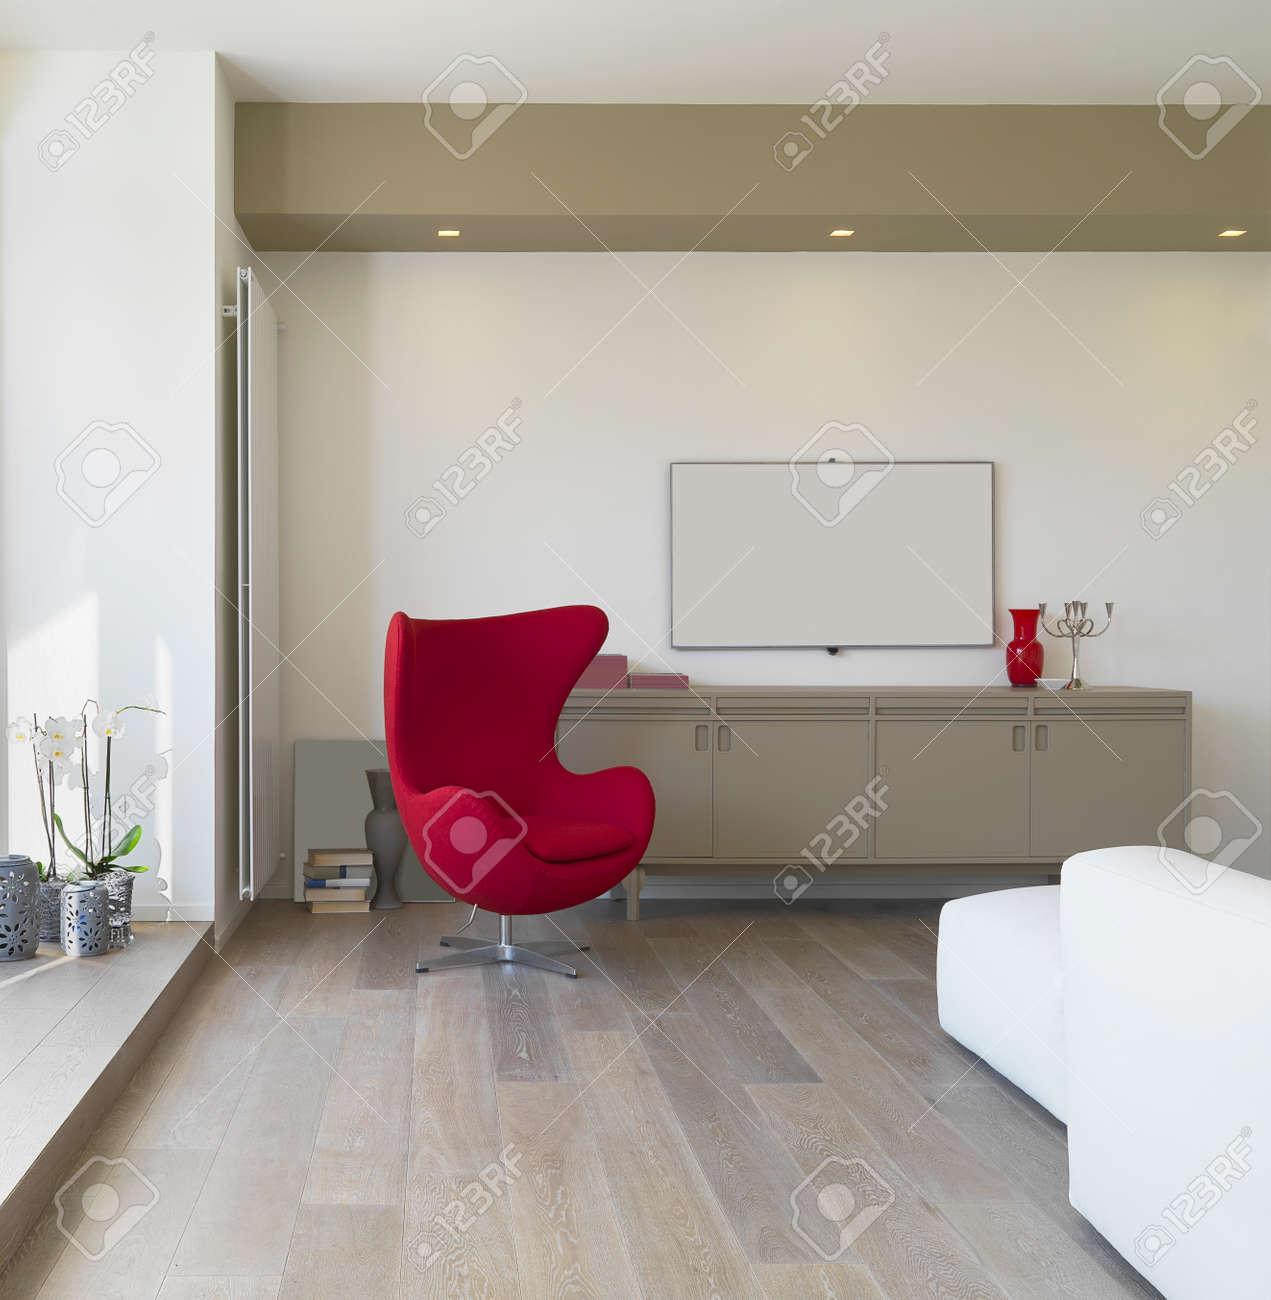 Banque Du0027images   Vue De Lu0027intérieur Du0027un Salon Moderne Avec Fauteuil Rouge  Et Plancher De Bois